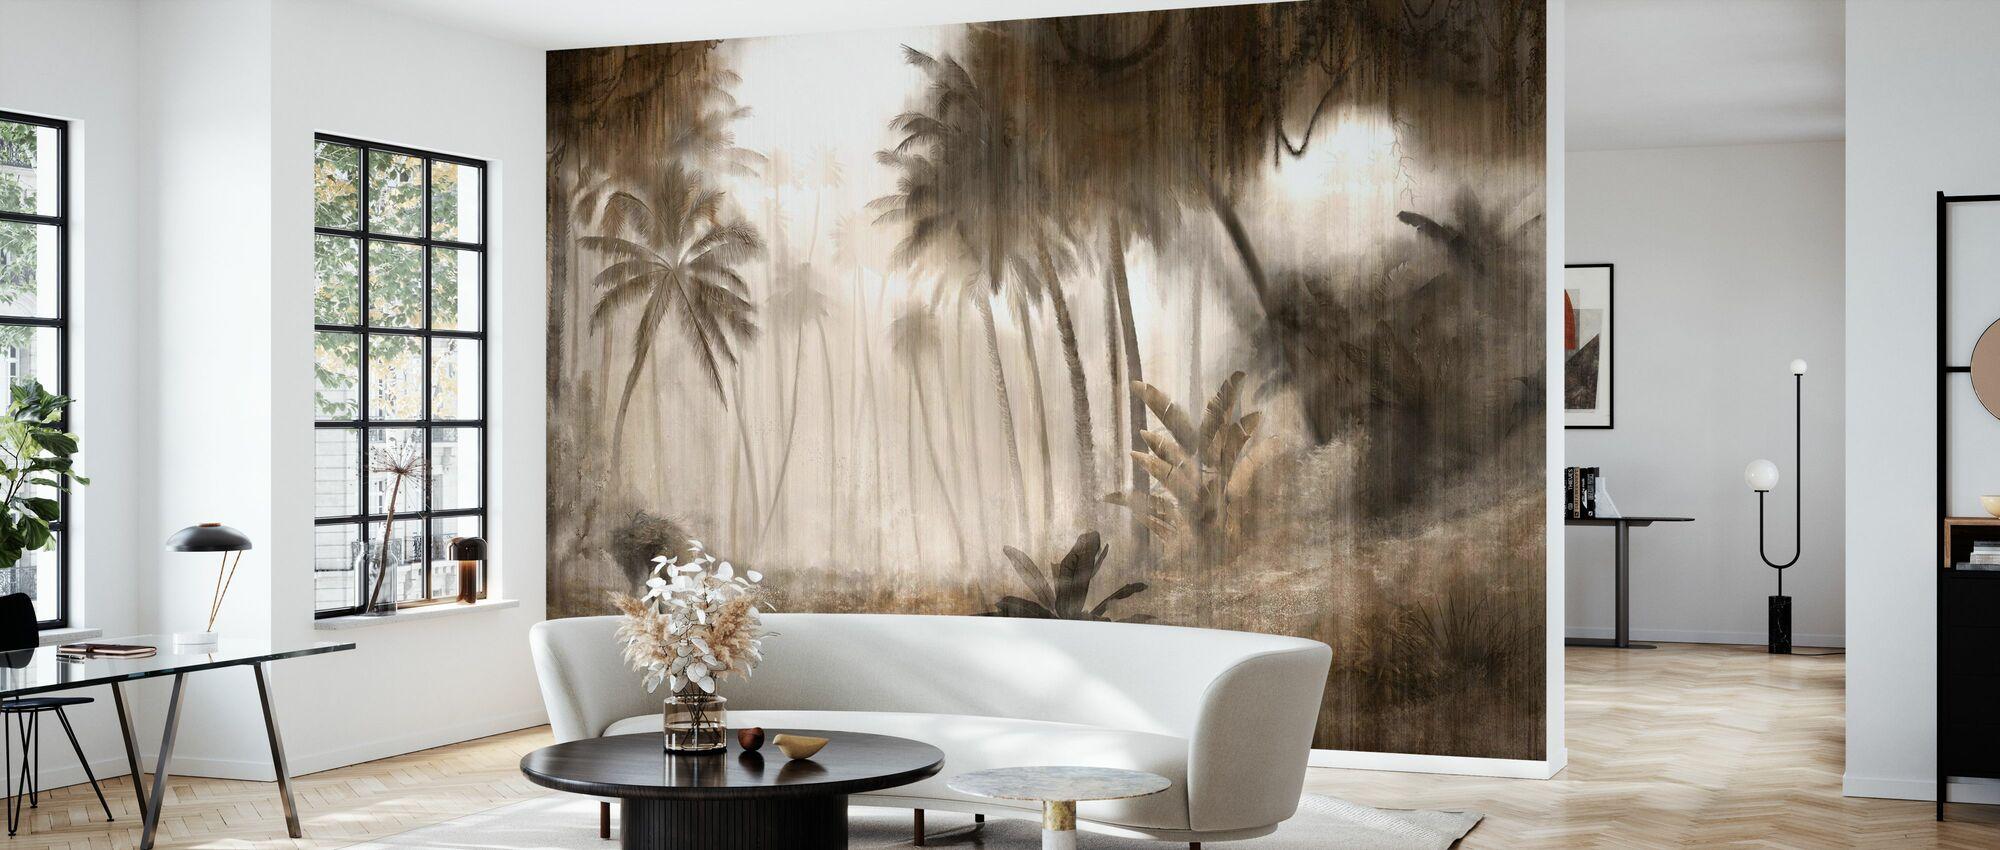 Definitive Tropical - Hazel - Wallpaper - Living Room